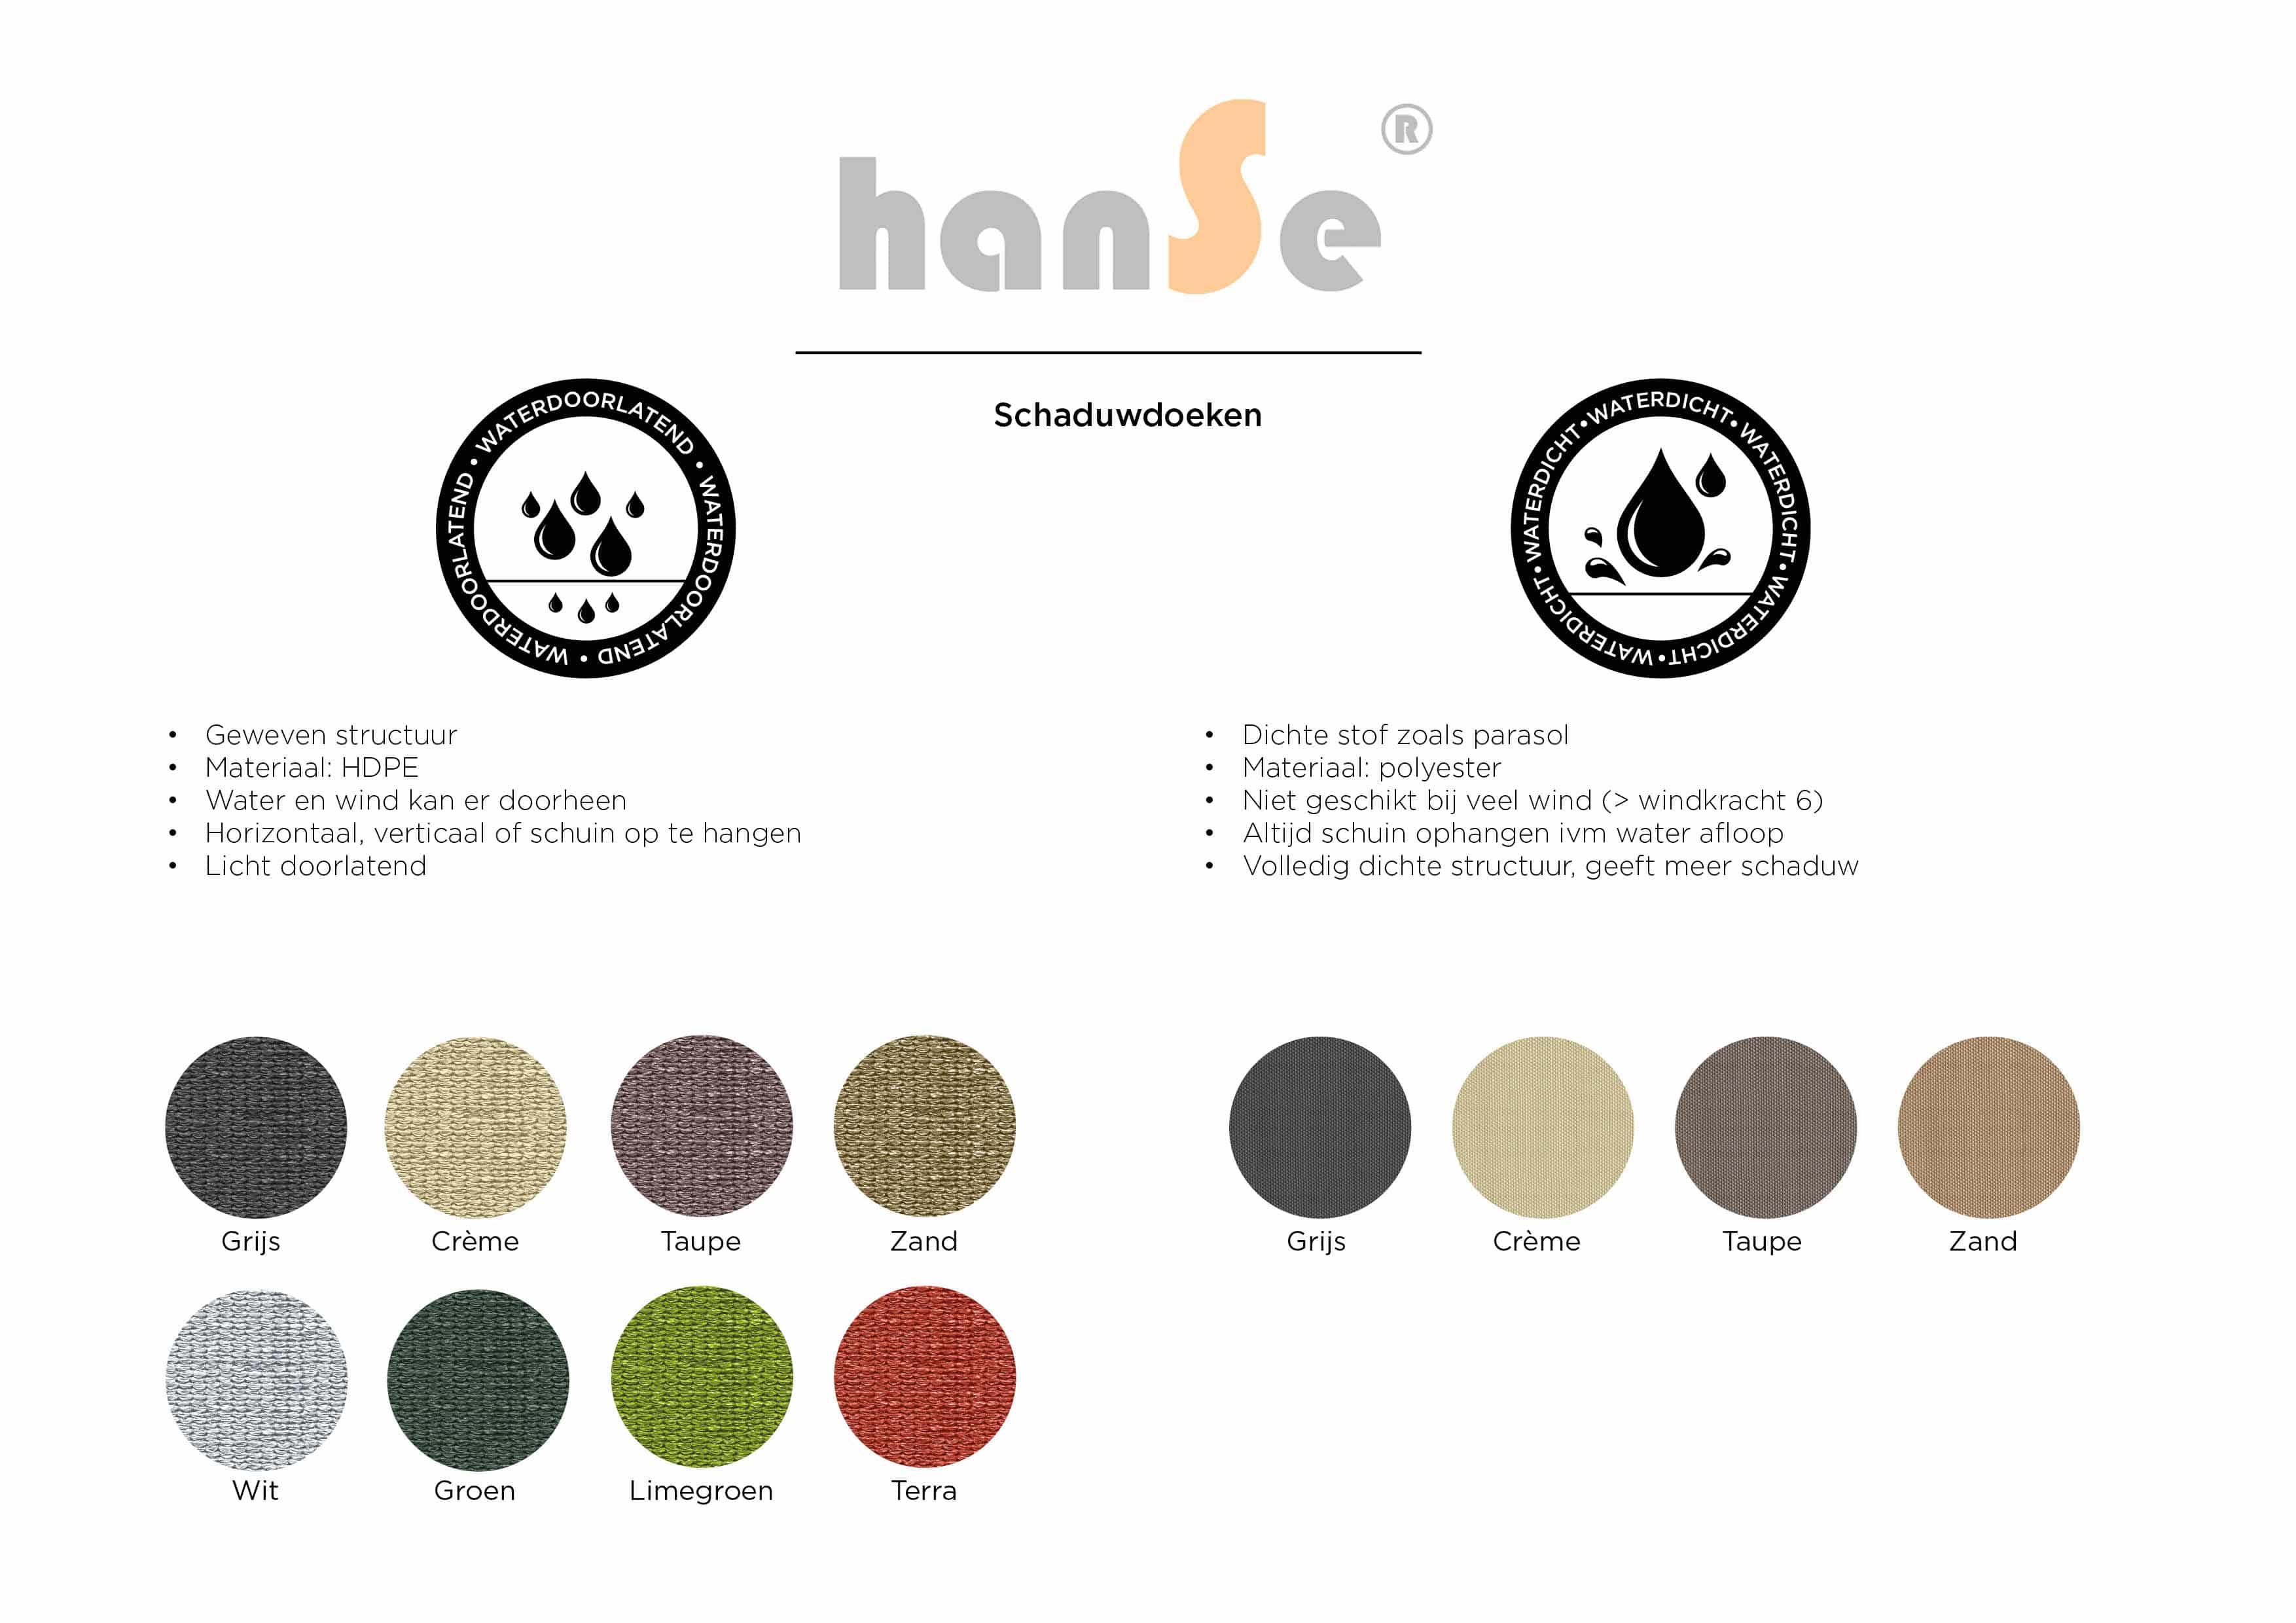 hanSe® Schaduwdoek Rechthoek Waterdicht 4x5 m - zonnedoek - Grijs